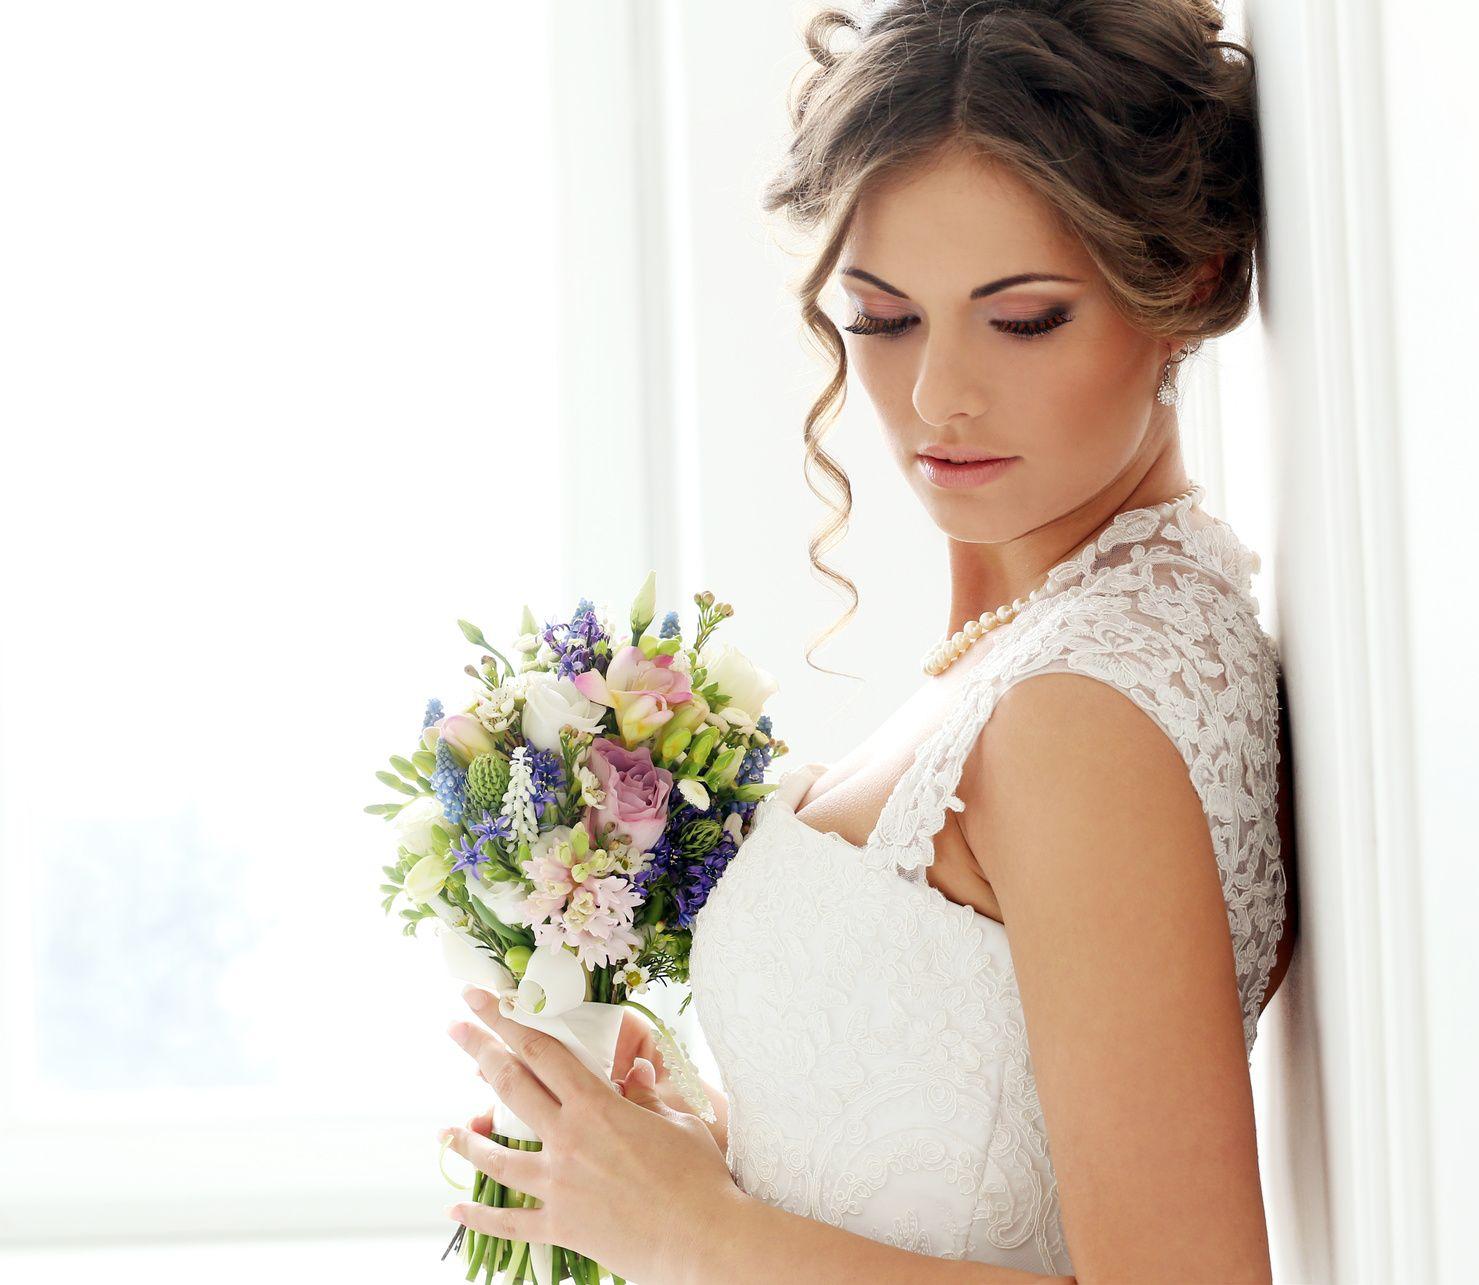 Bridal Makeup Tips and Ideas   Bridal hairstyle, Bridal make up and ...